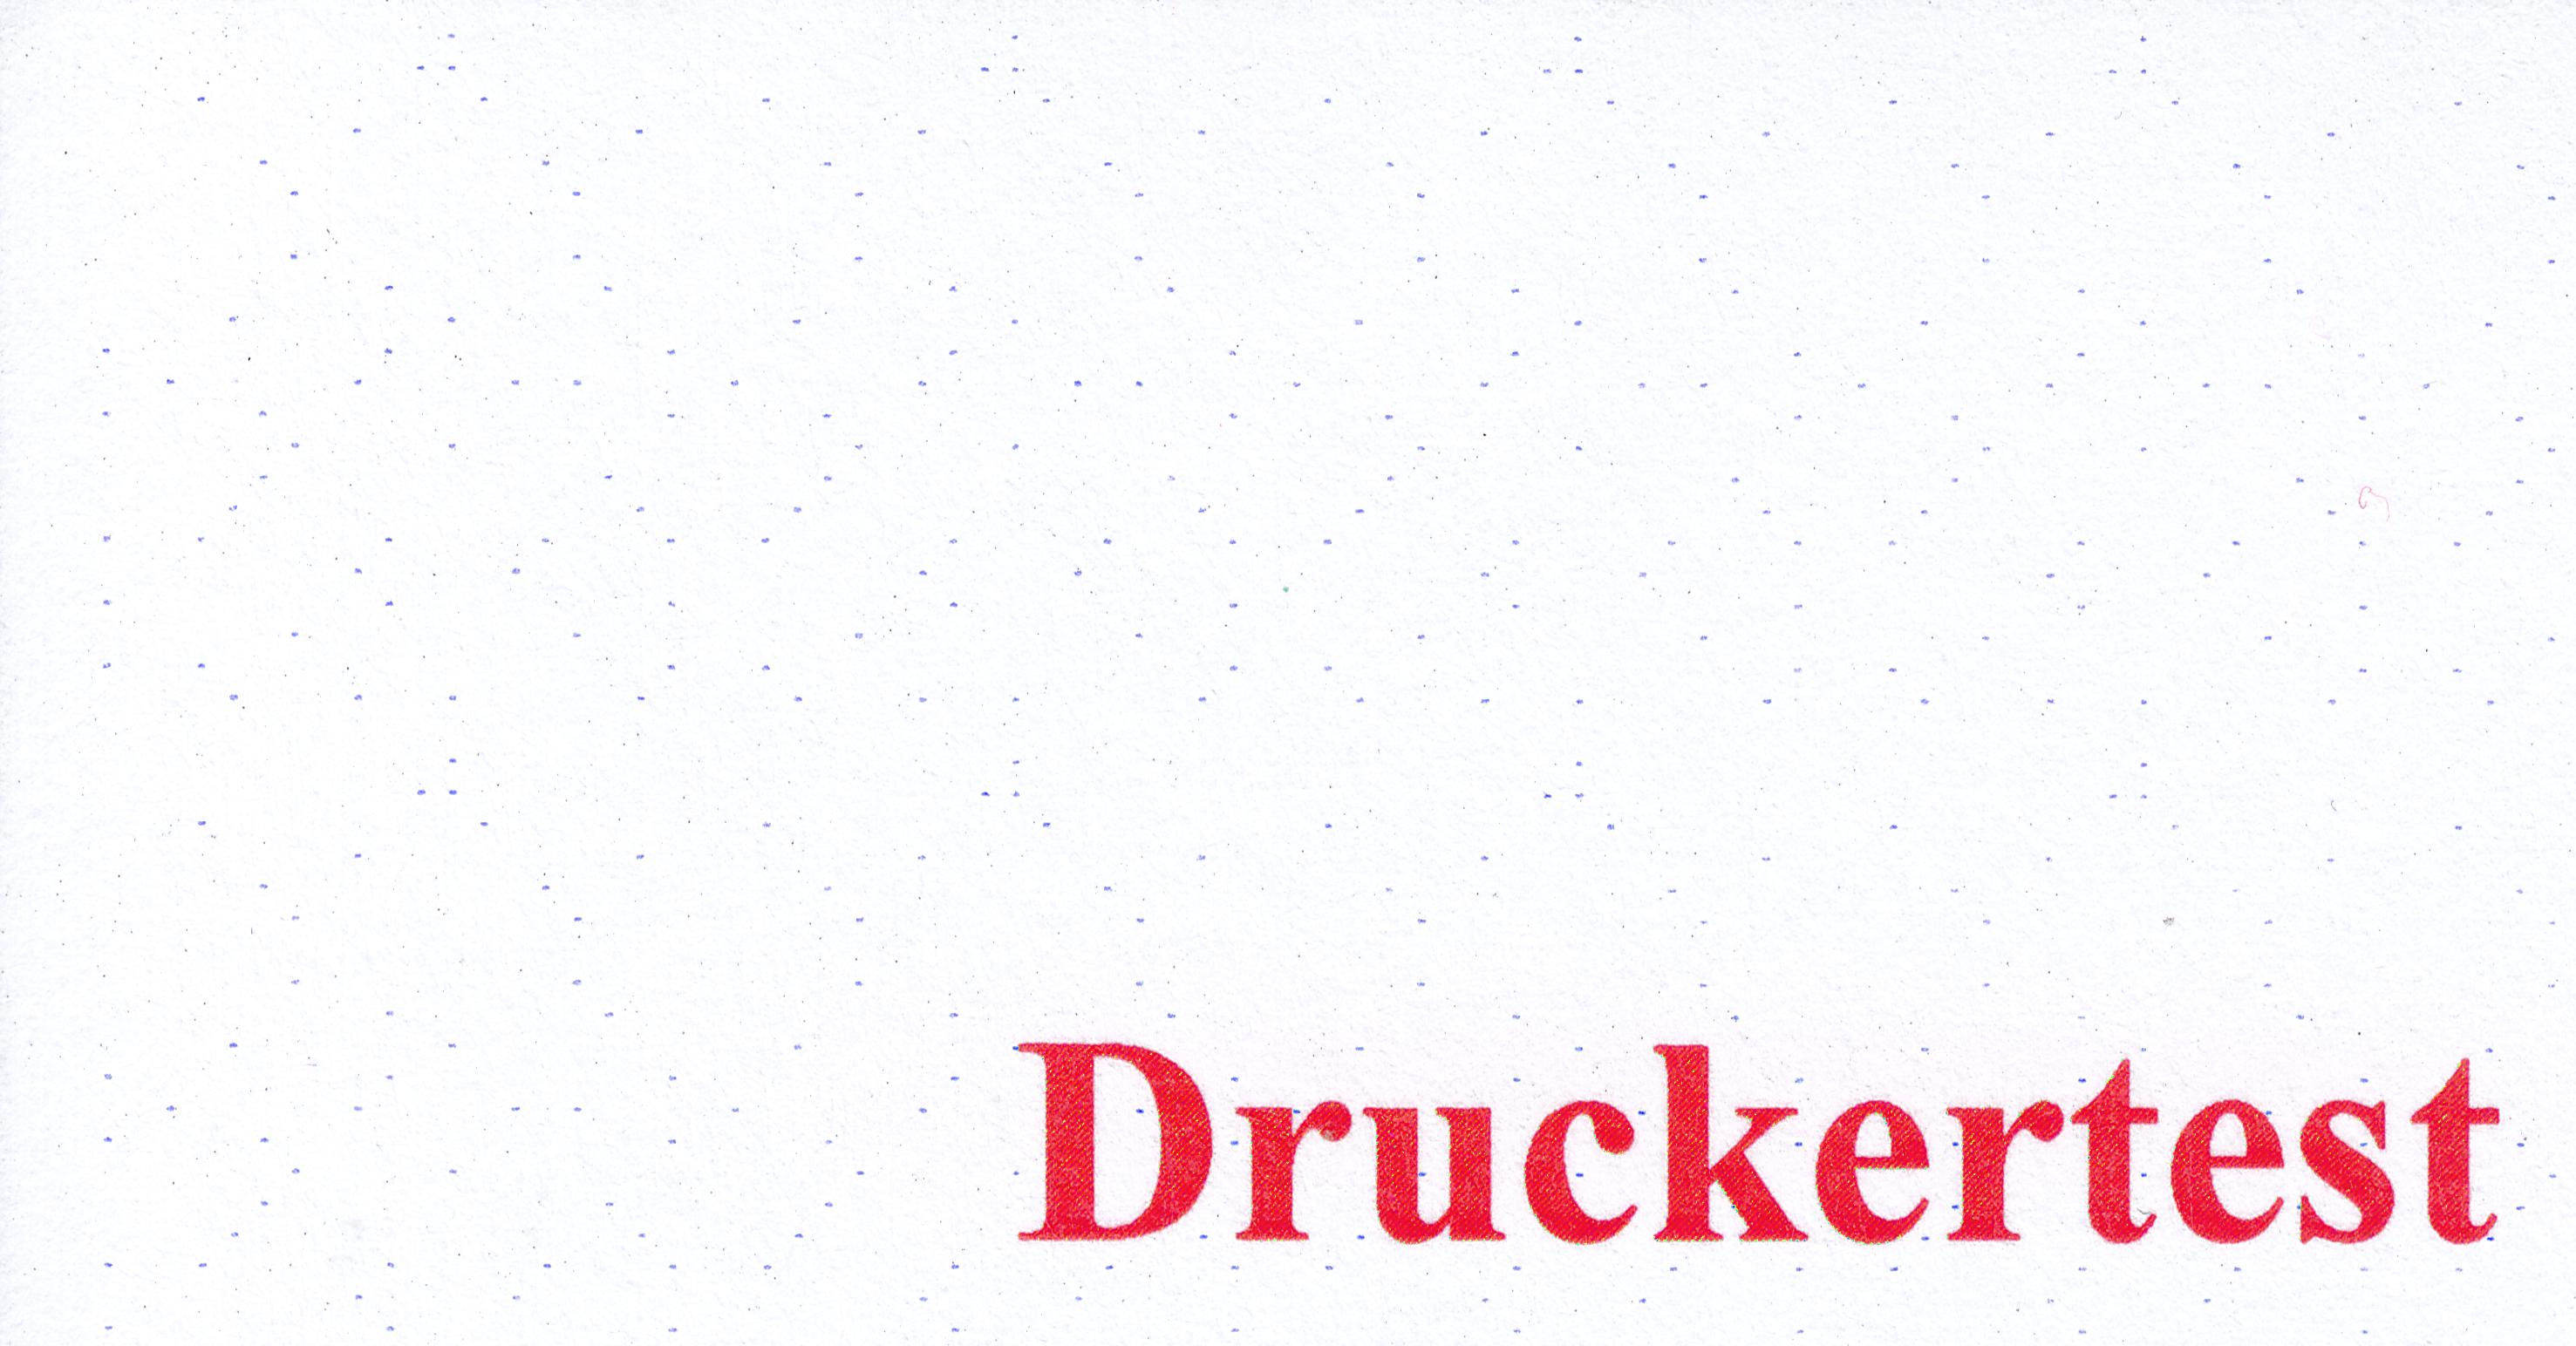 Druckertest-Hansky-1